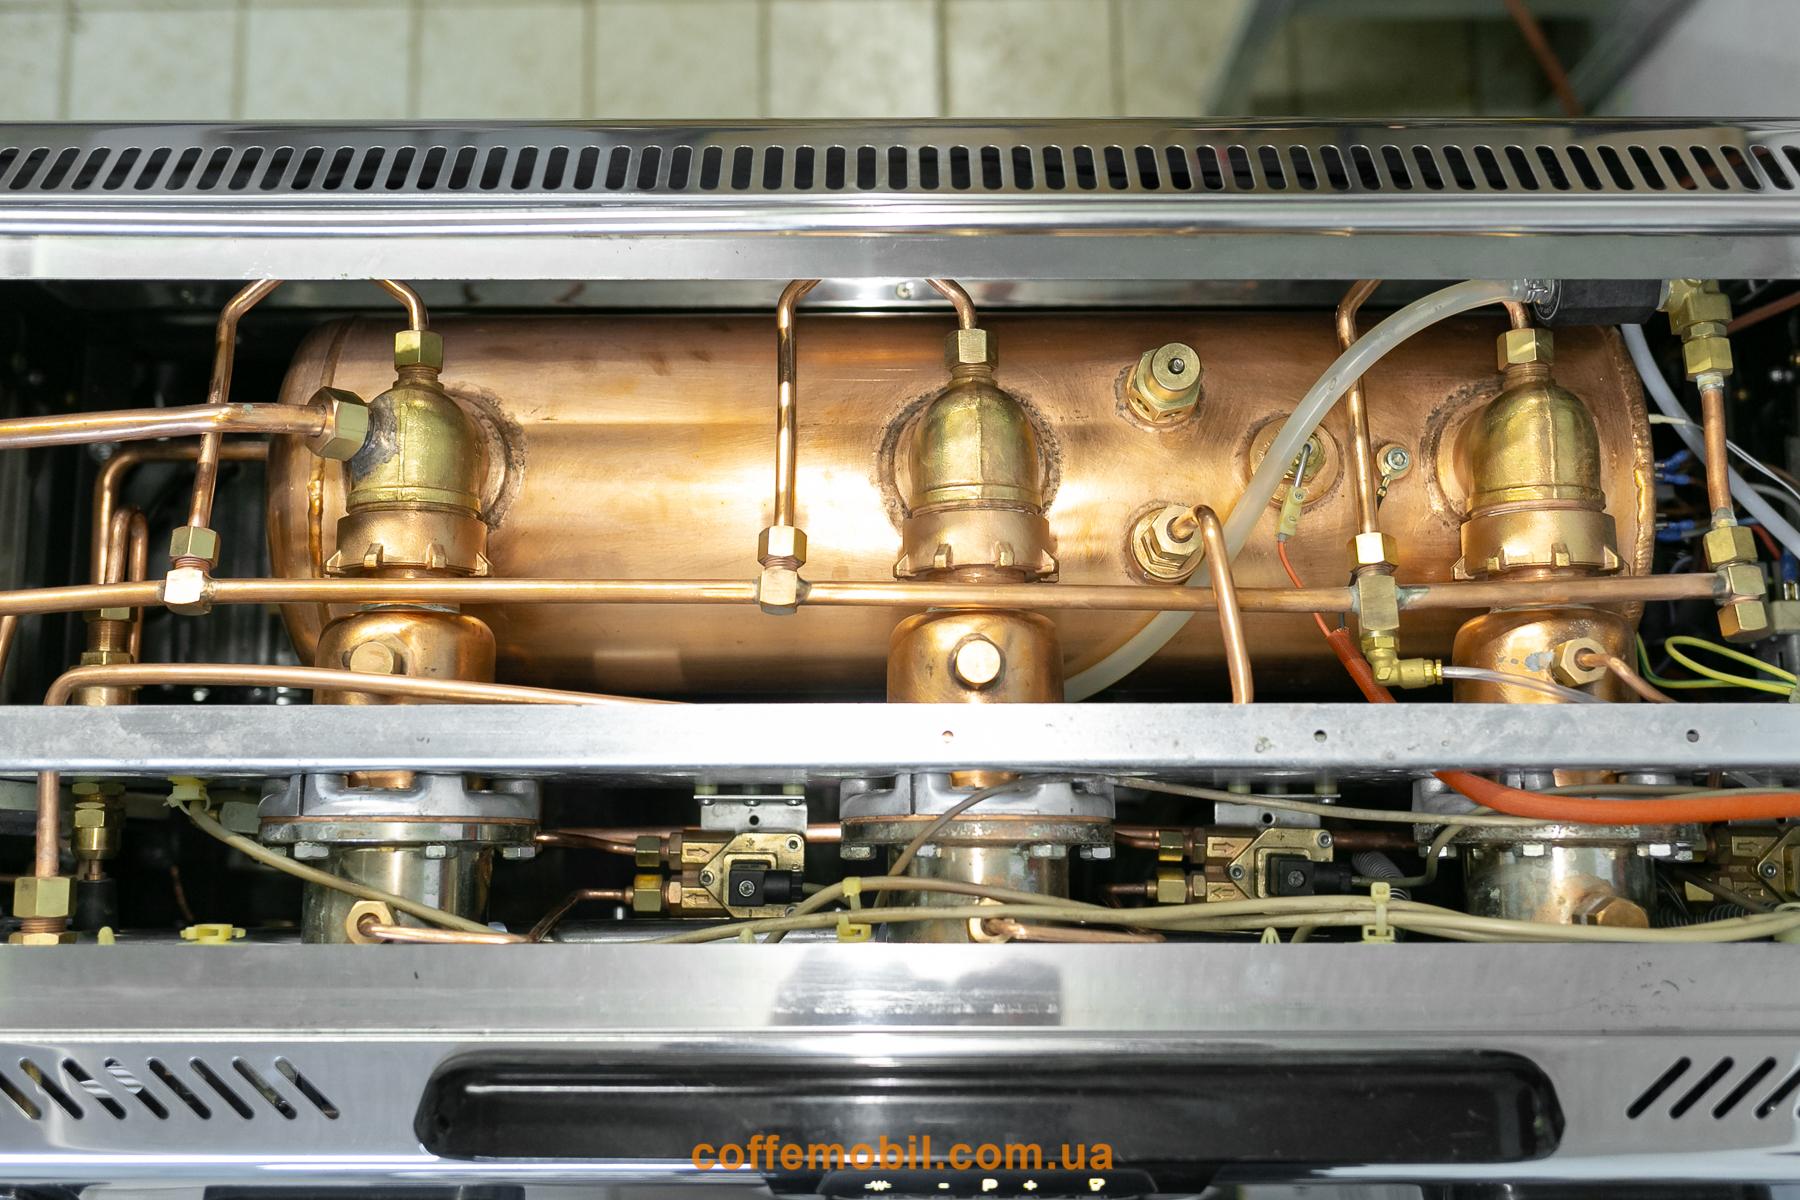 Кофеварка Spaziale S9 после реставрации